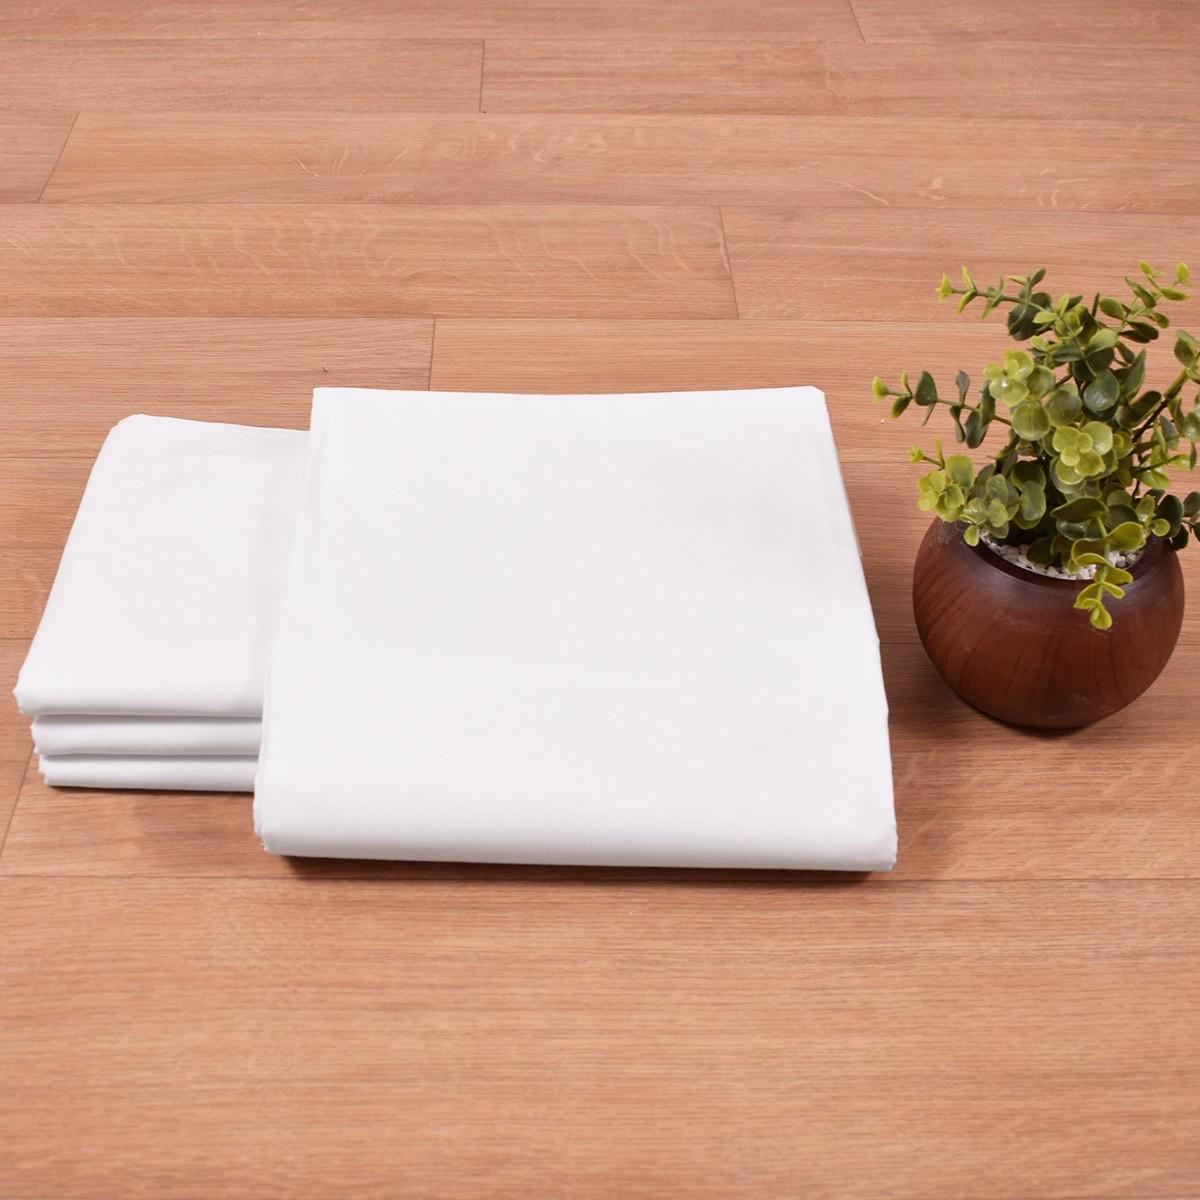 Σεντόνι (240x280) 70%Βαμβάκι 30%Polyester T200 home   επαγγελματικός εξοπλισμός   ξενοδοχειακός εξοπλισμός   σεντόνια ξενοδοχεί